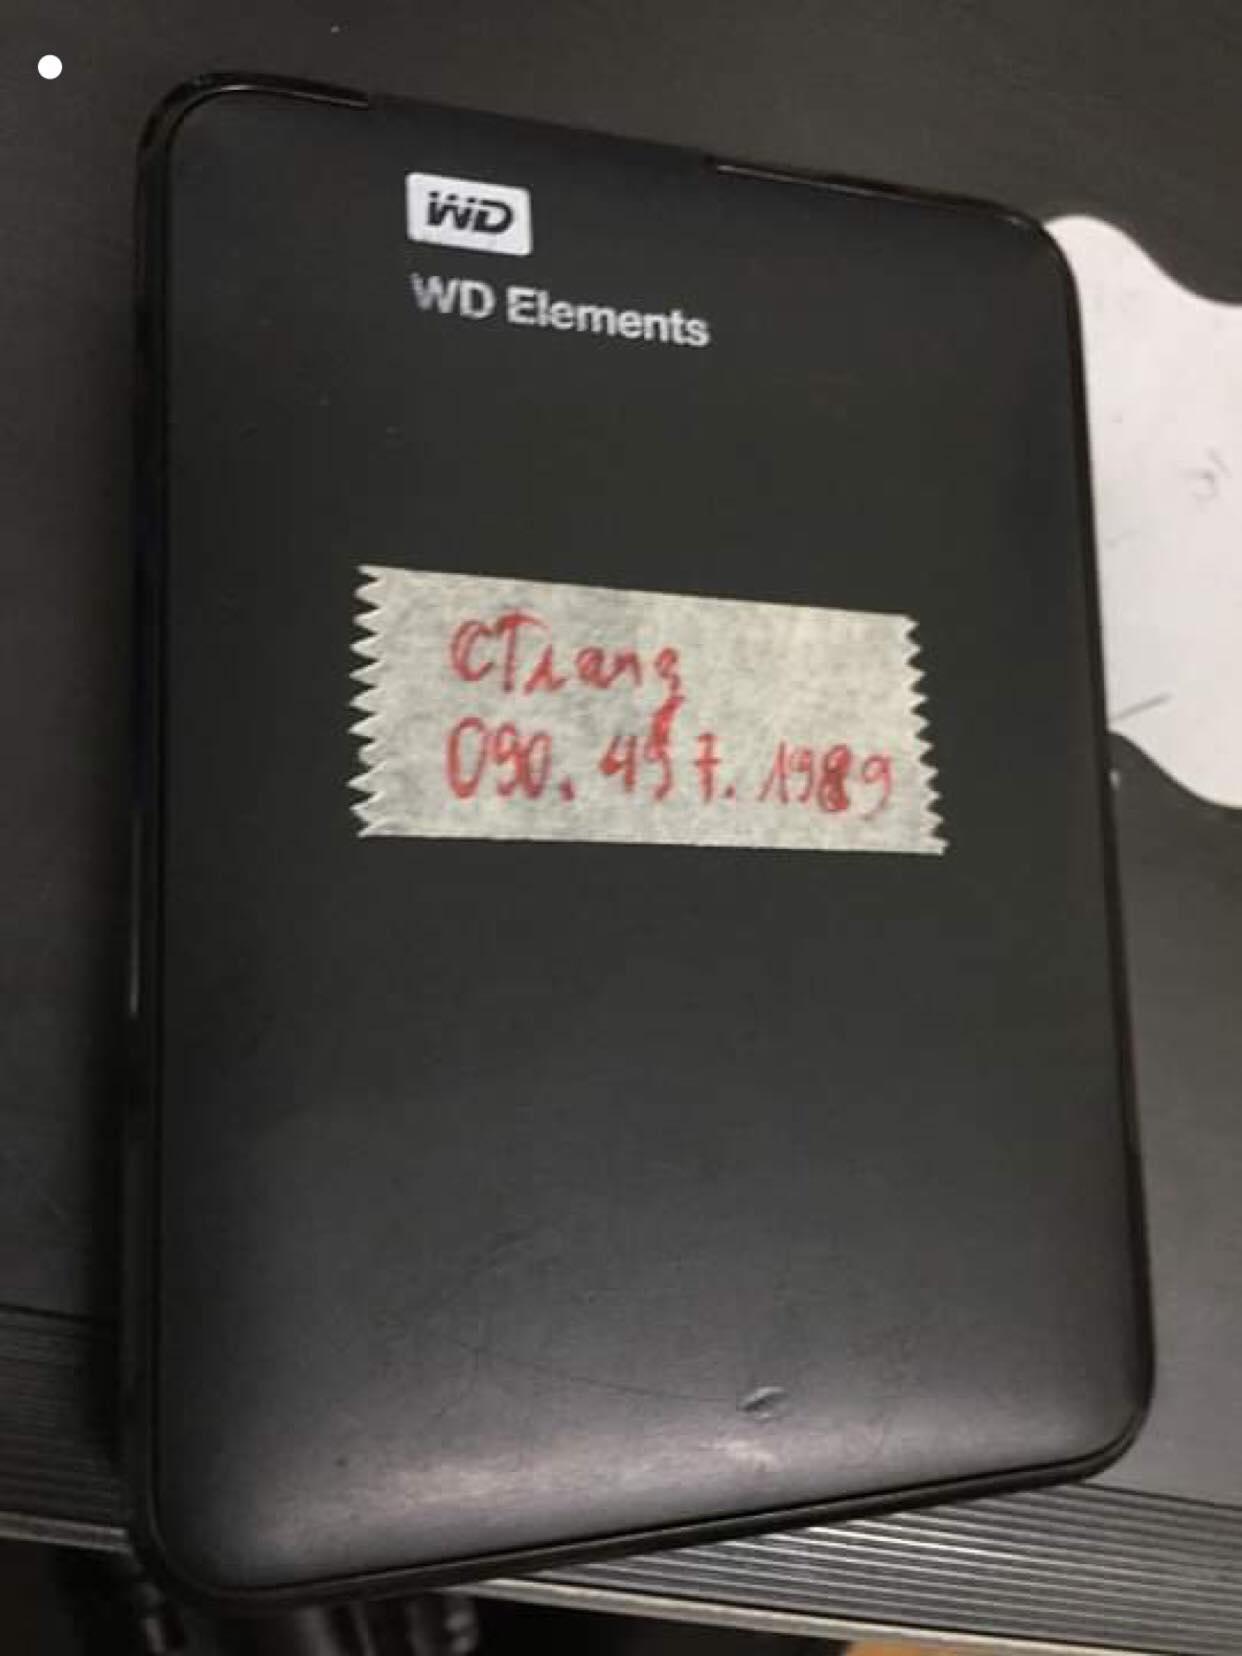 Lấy dữ liệu ổ cứng Western 1TB không nhận 26/04/2019 - cuumaytinh